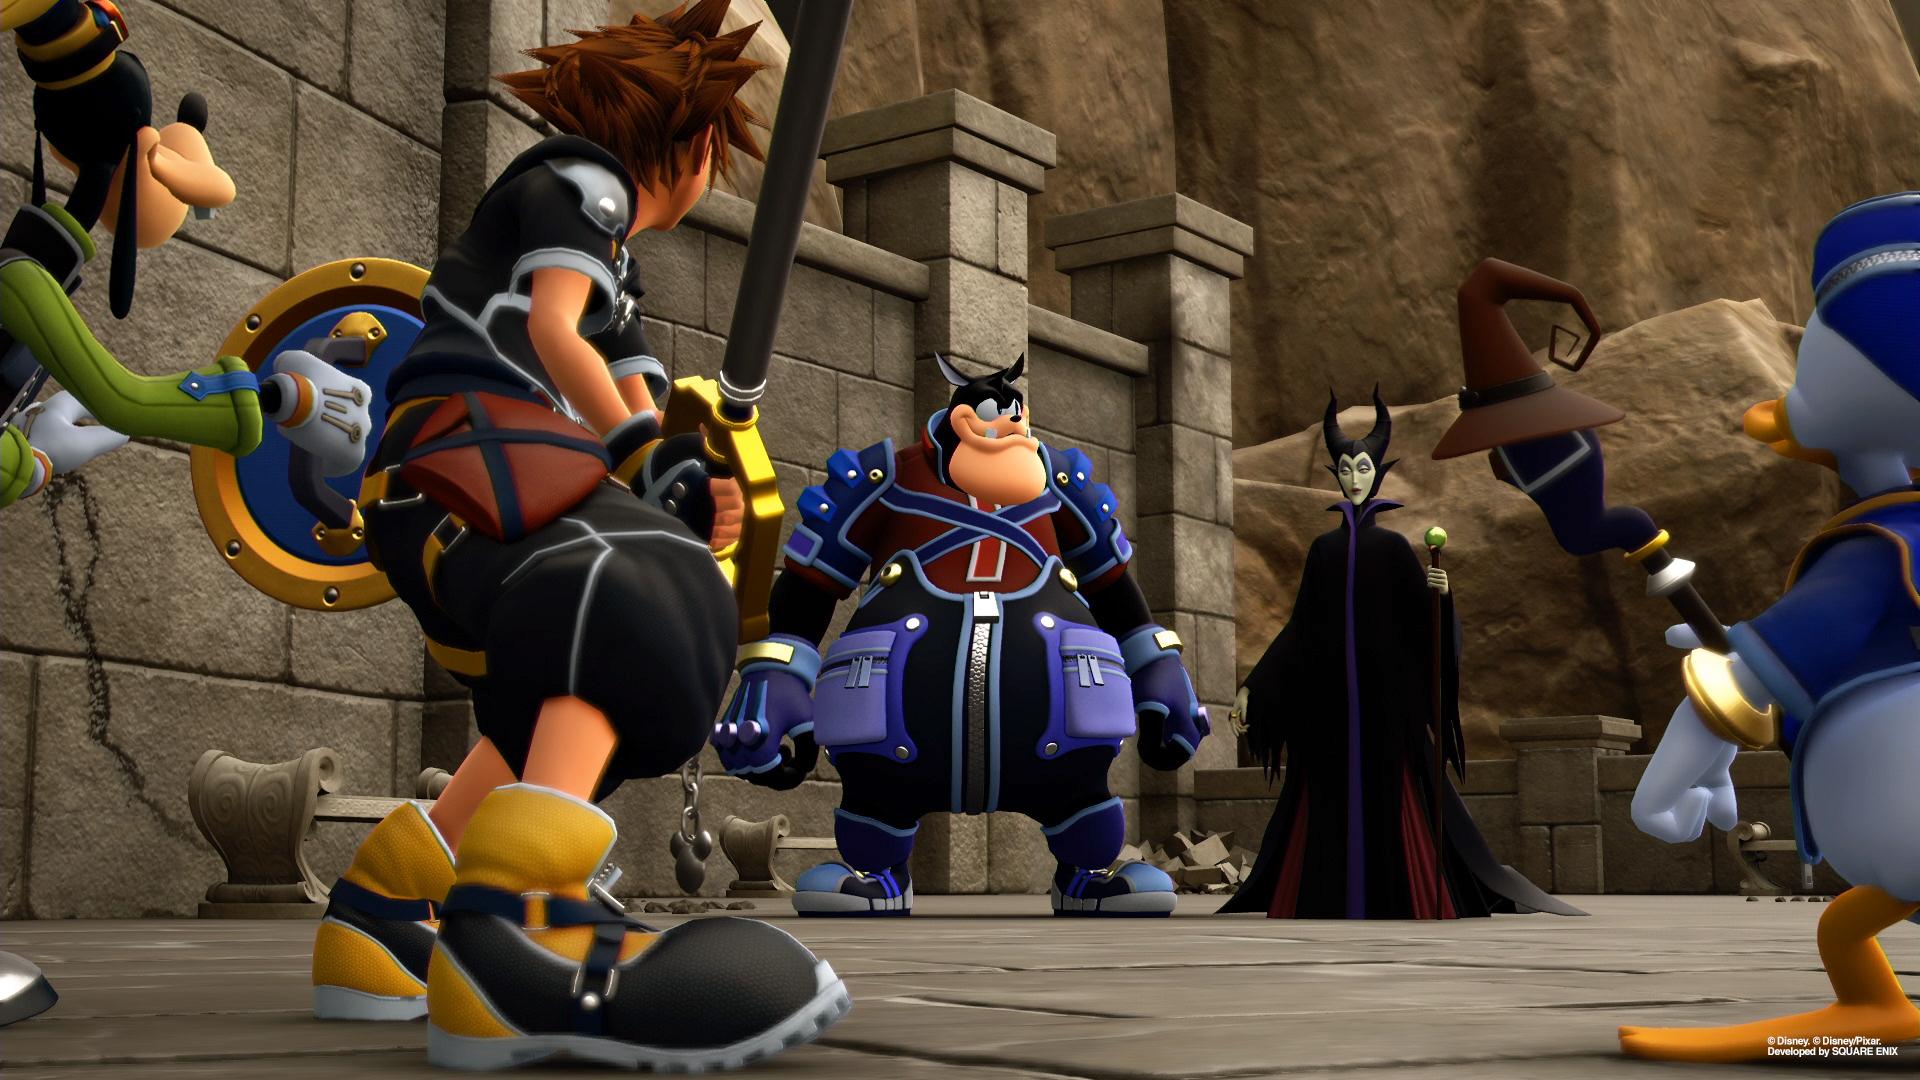 Kingdom Hearts 3 4k Wallpaper Posted By Samantha Mercado